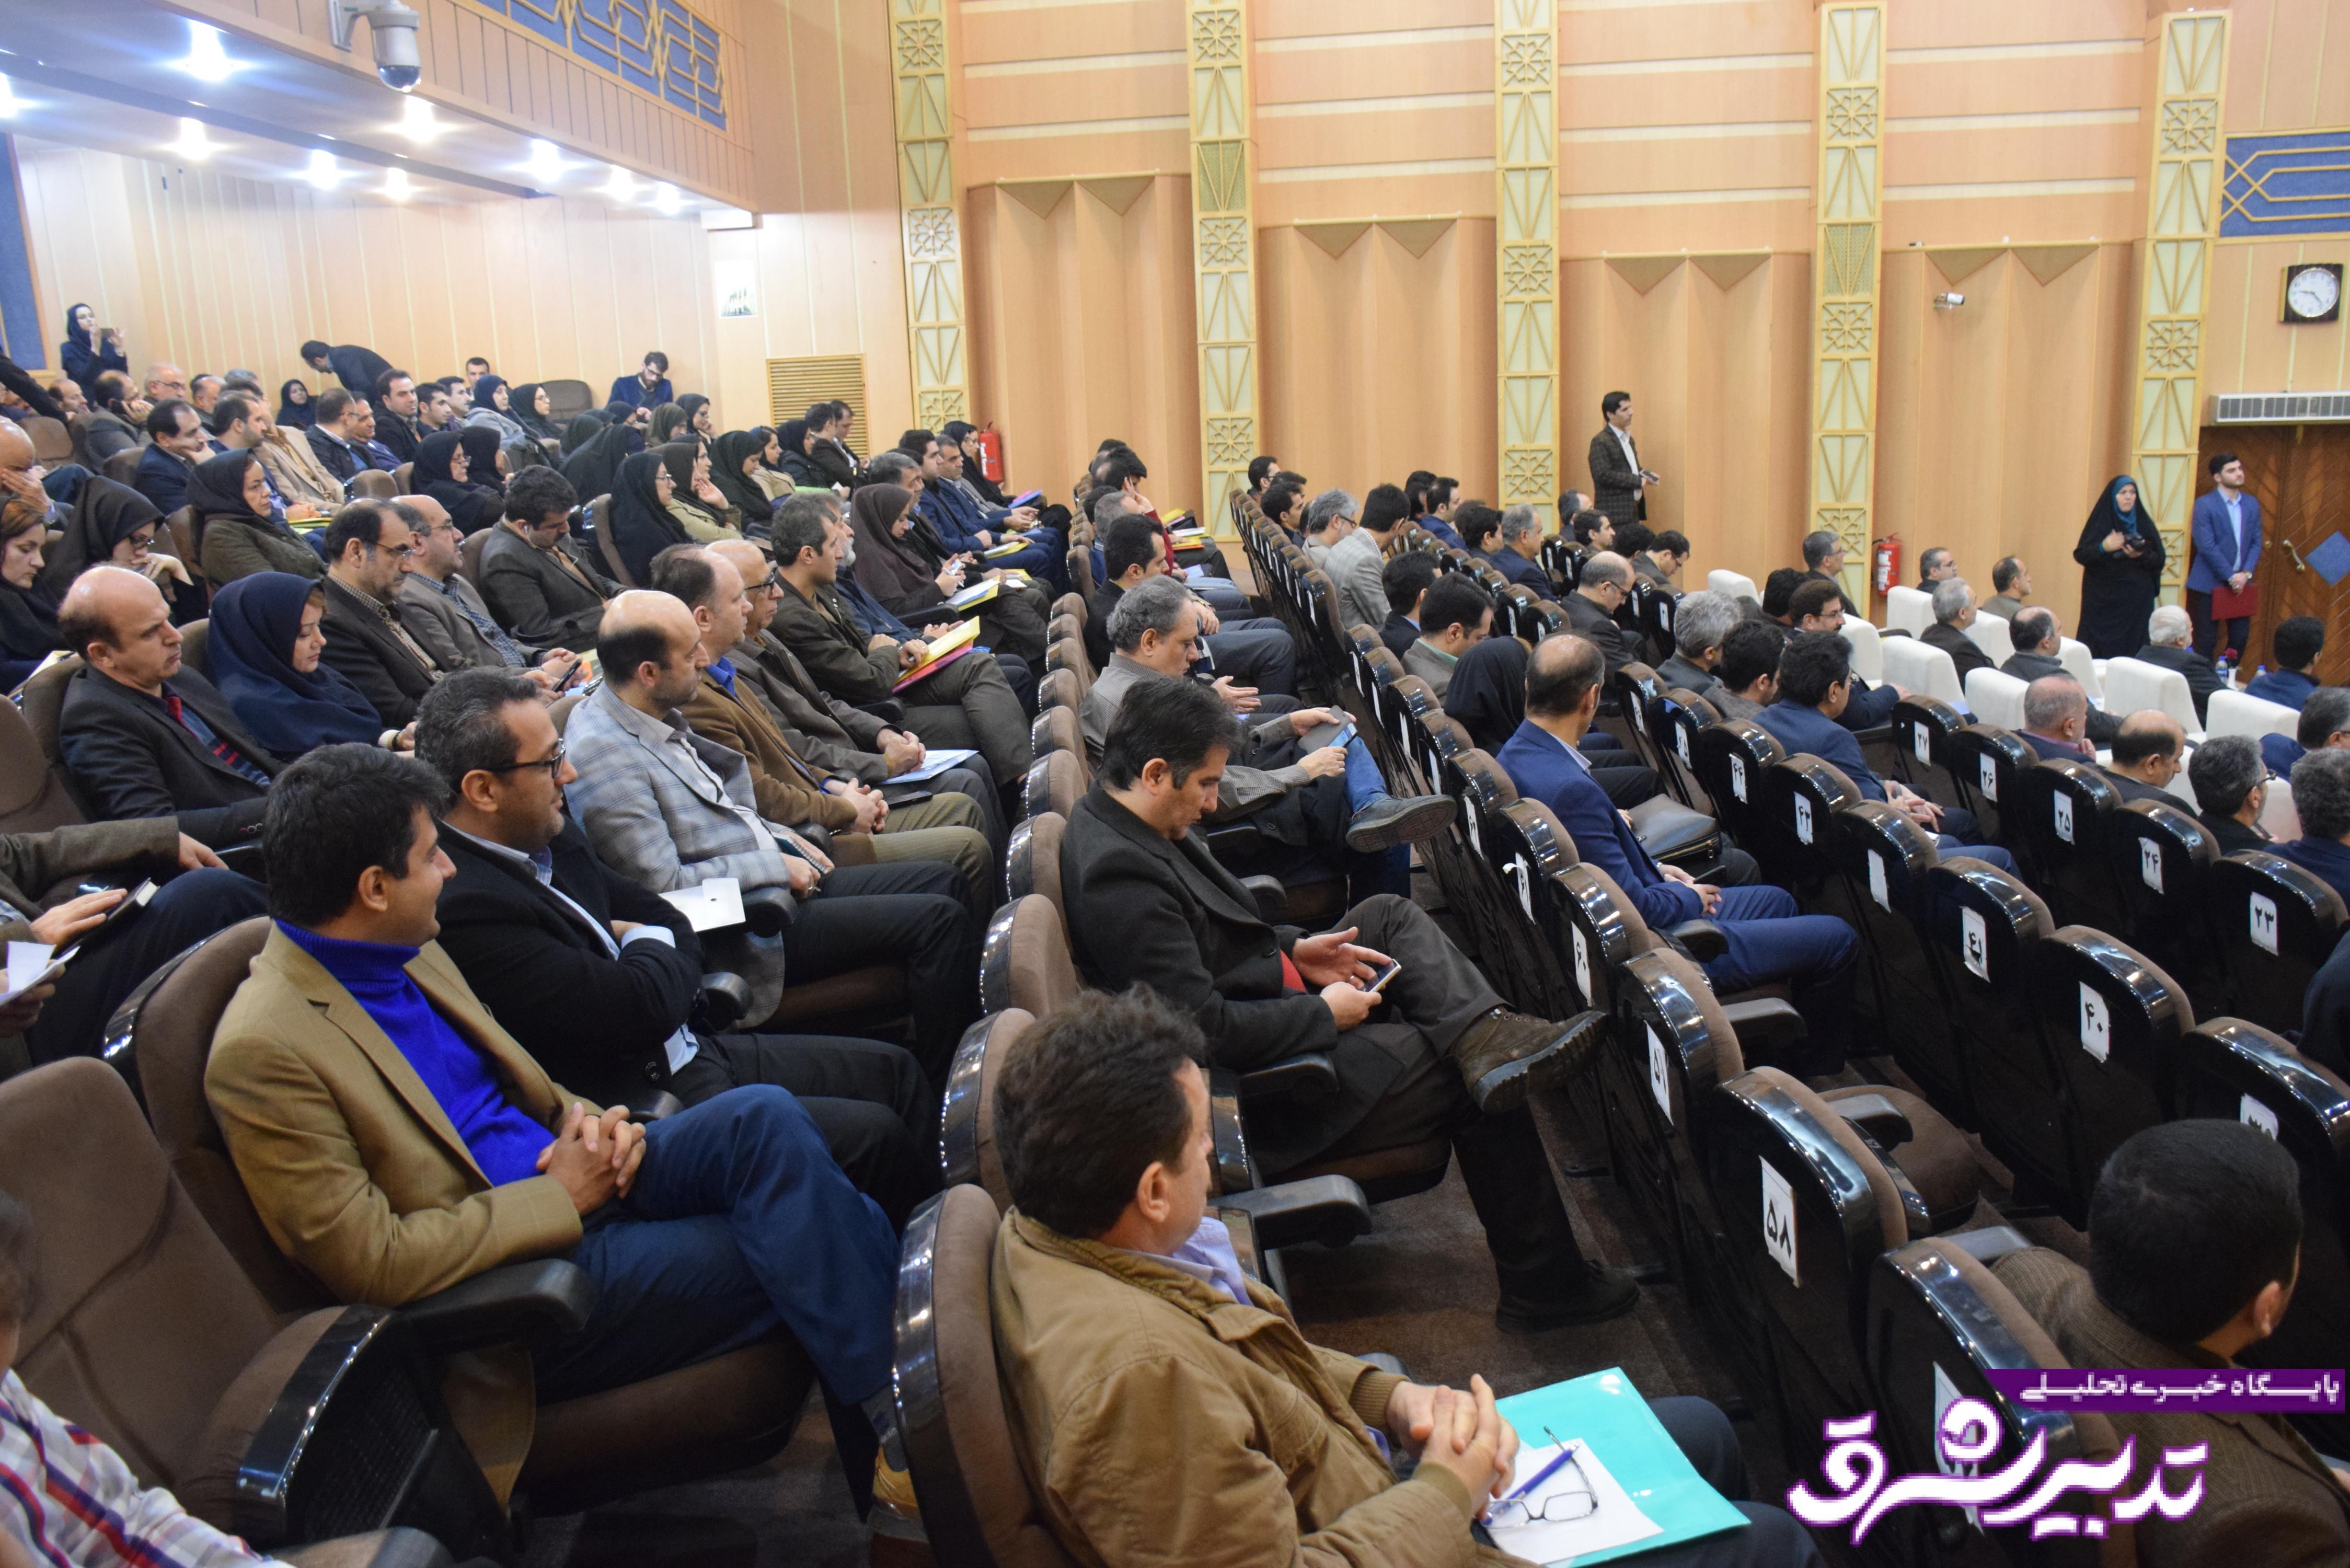 تصویر از گزارش تصویری همایش توجیهی سامانه تدارکات الکترونیکی دولت